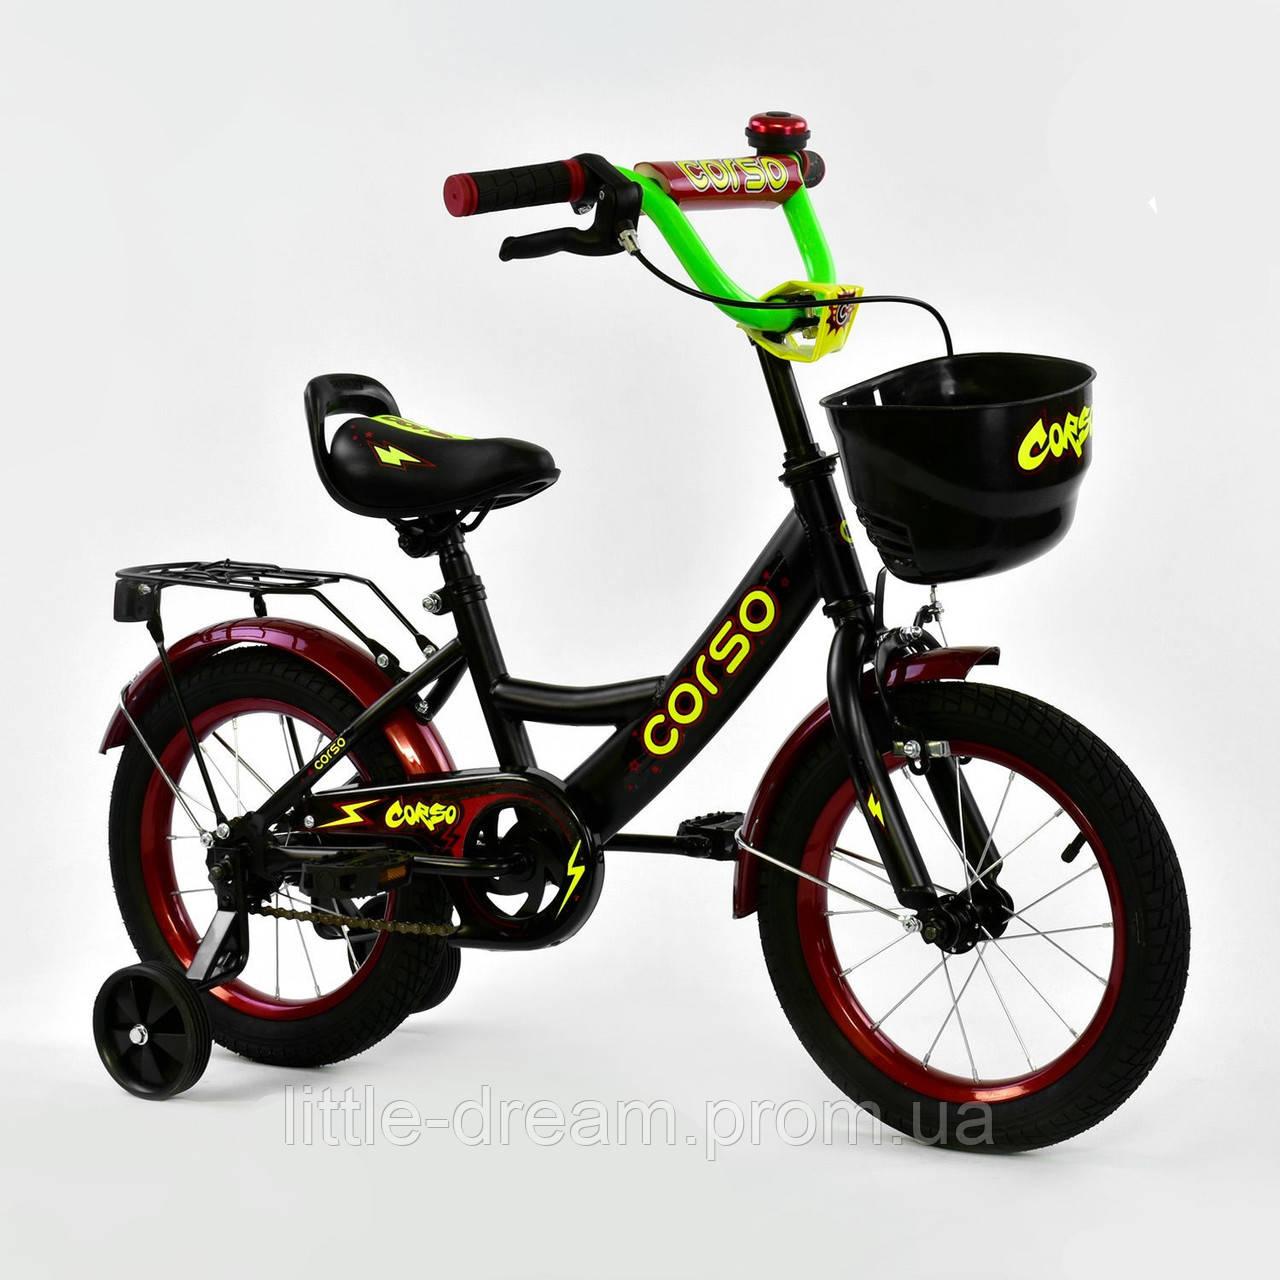 """Велосипед 14"""" дюймов 2-х колёсный G-14370 """"CORSO"""", ручной тормоз, звоночек, сидение с ручкой, дополнительные колеса"""